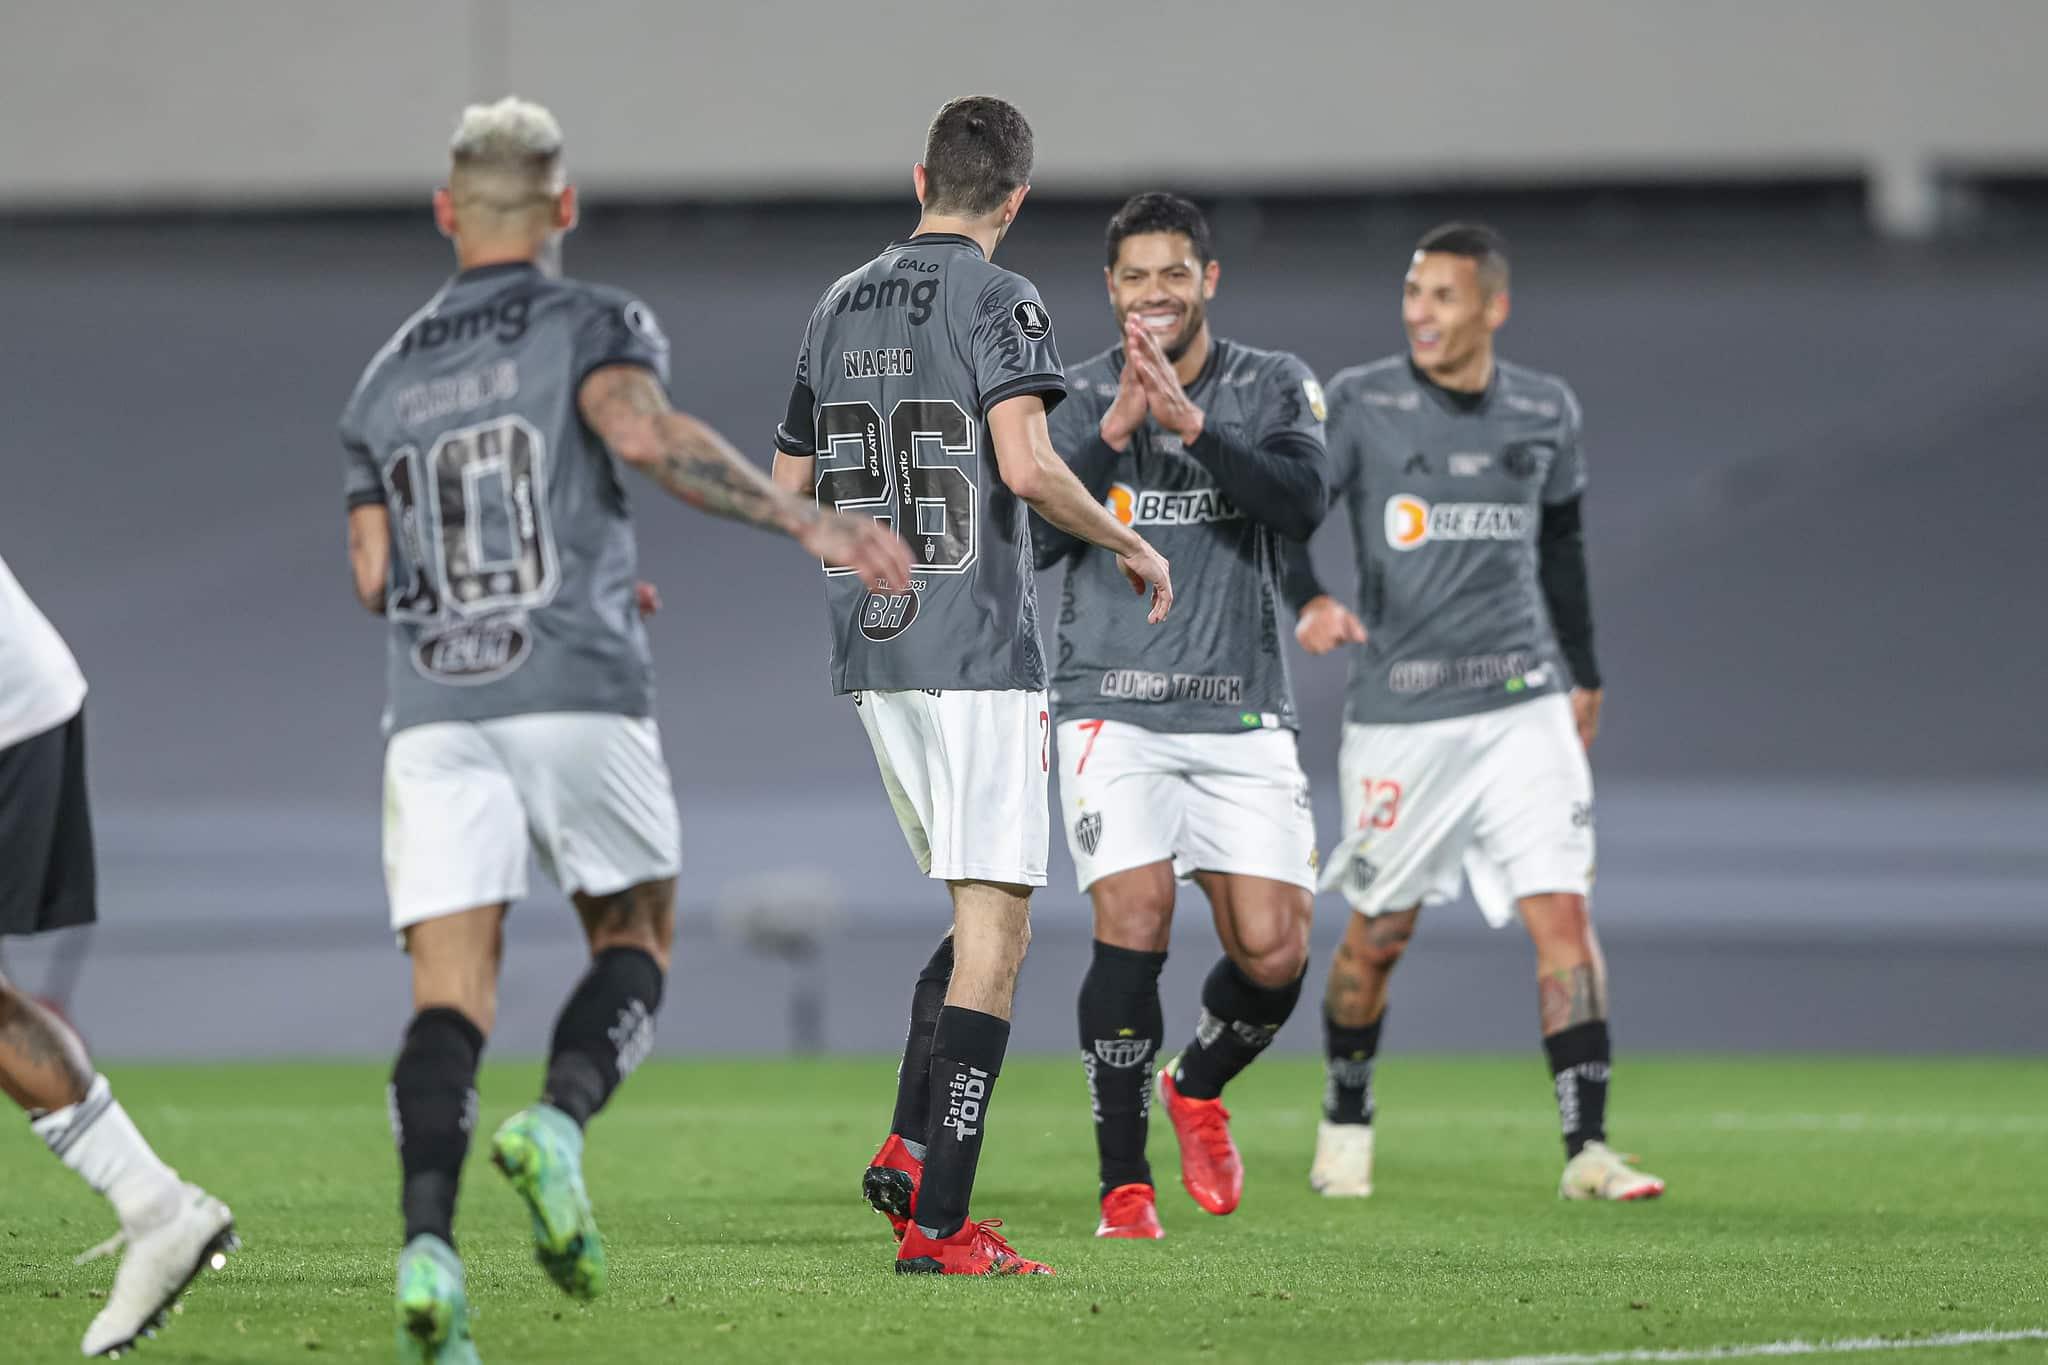 Autor do gol da vitória do Galo contra o River Plate e destaque do jogo da volta, Nacho ampliou a expectativa do Atlético por marca